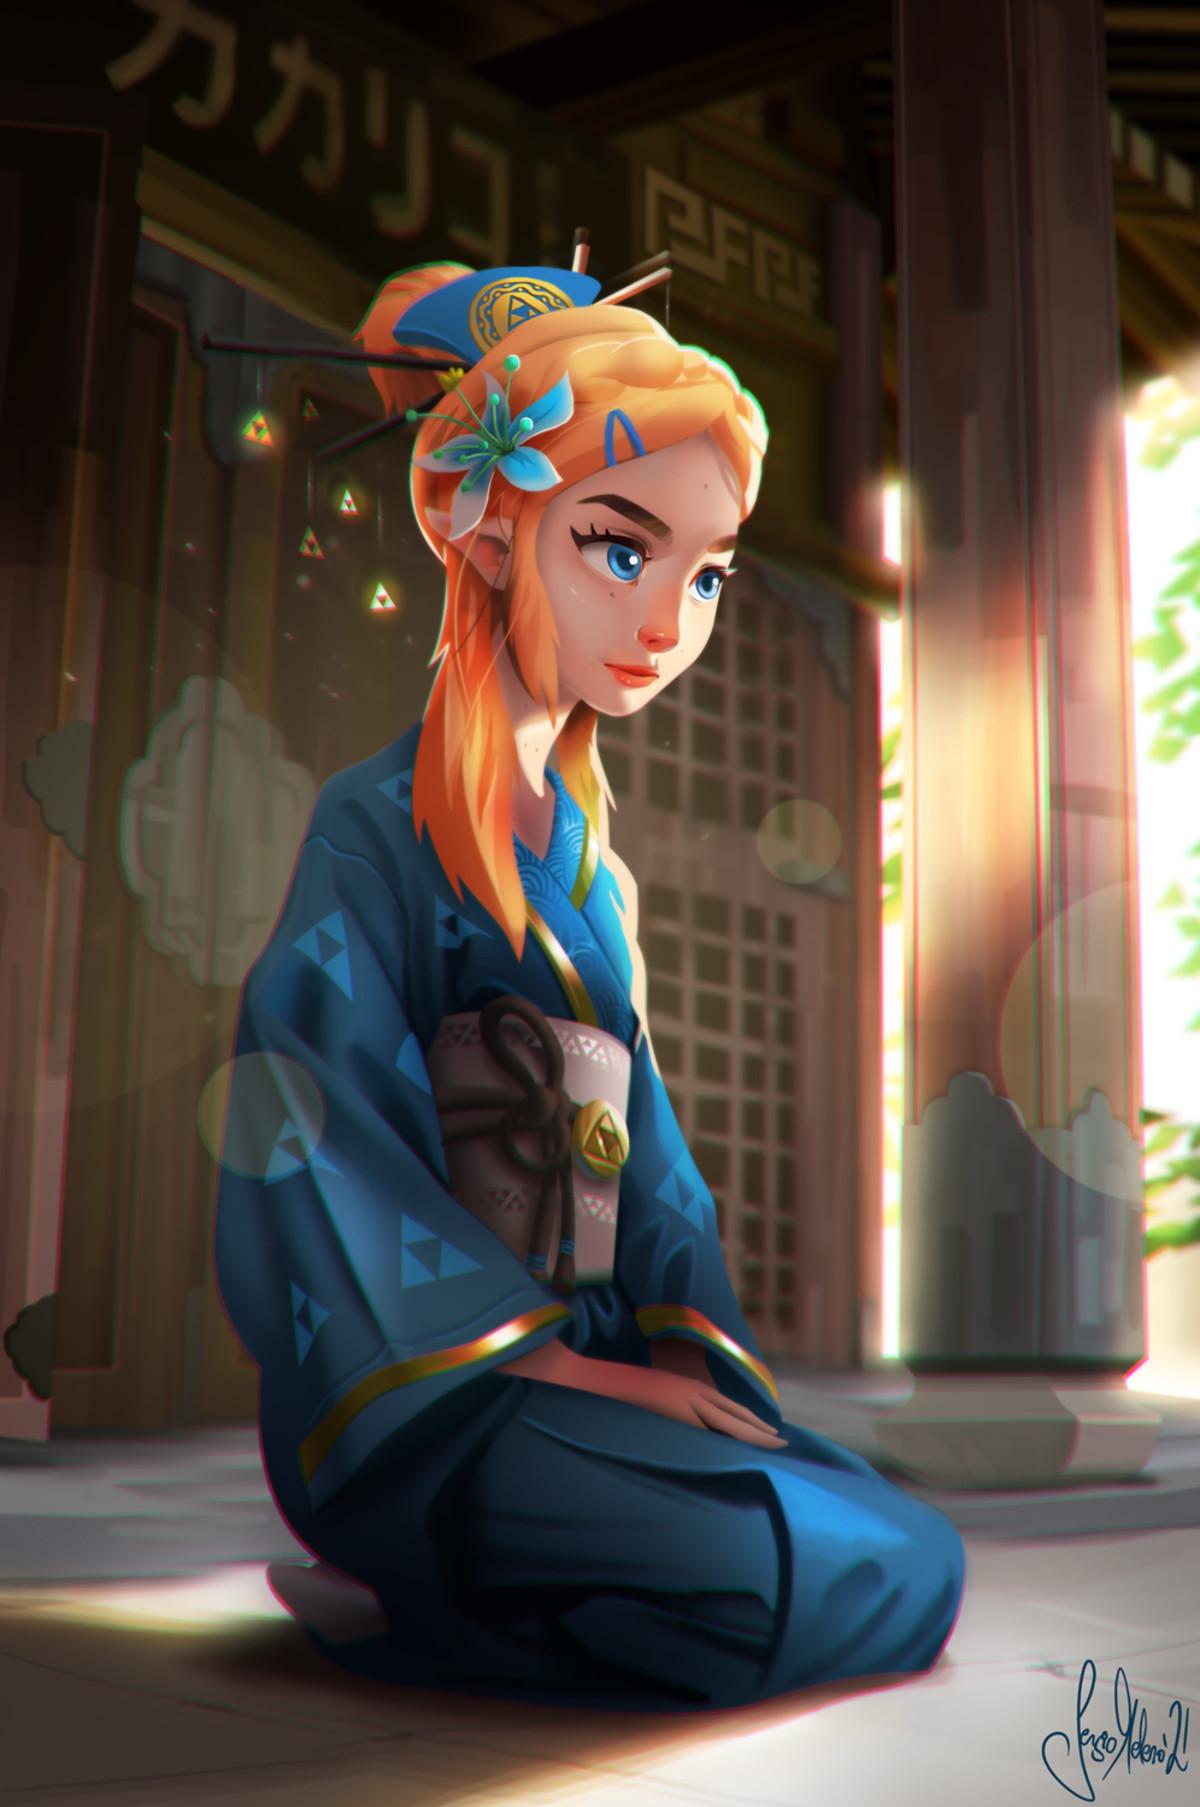 Zelda in Yukata by sermella. .. What a long neck